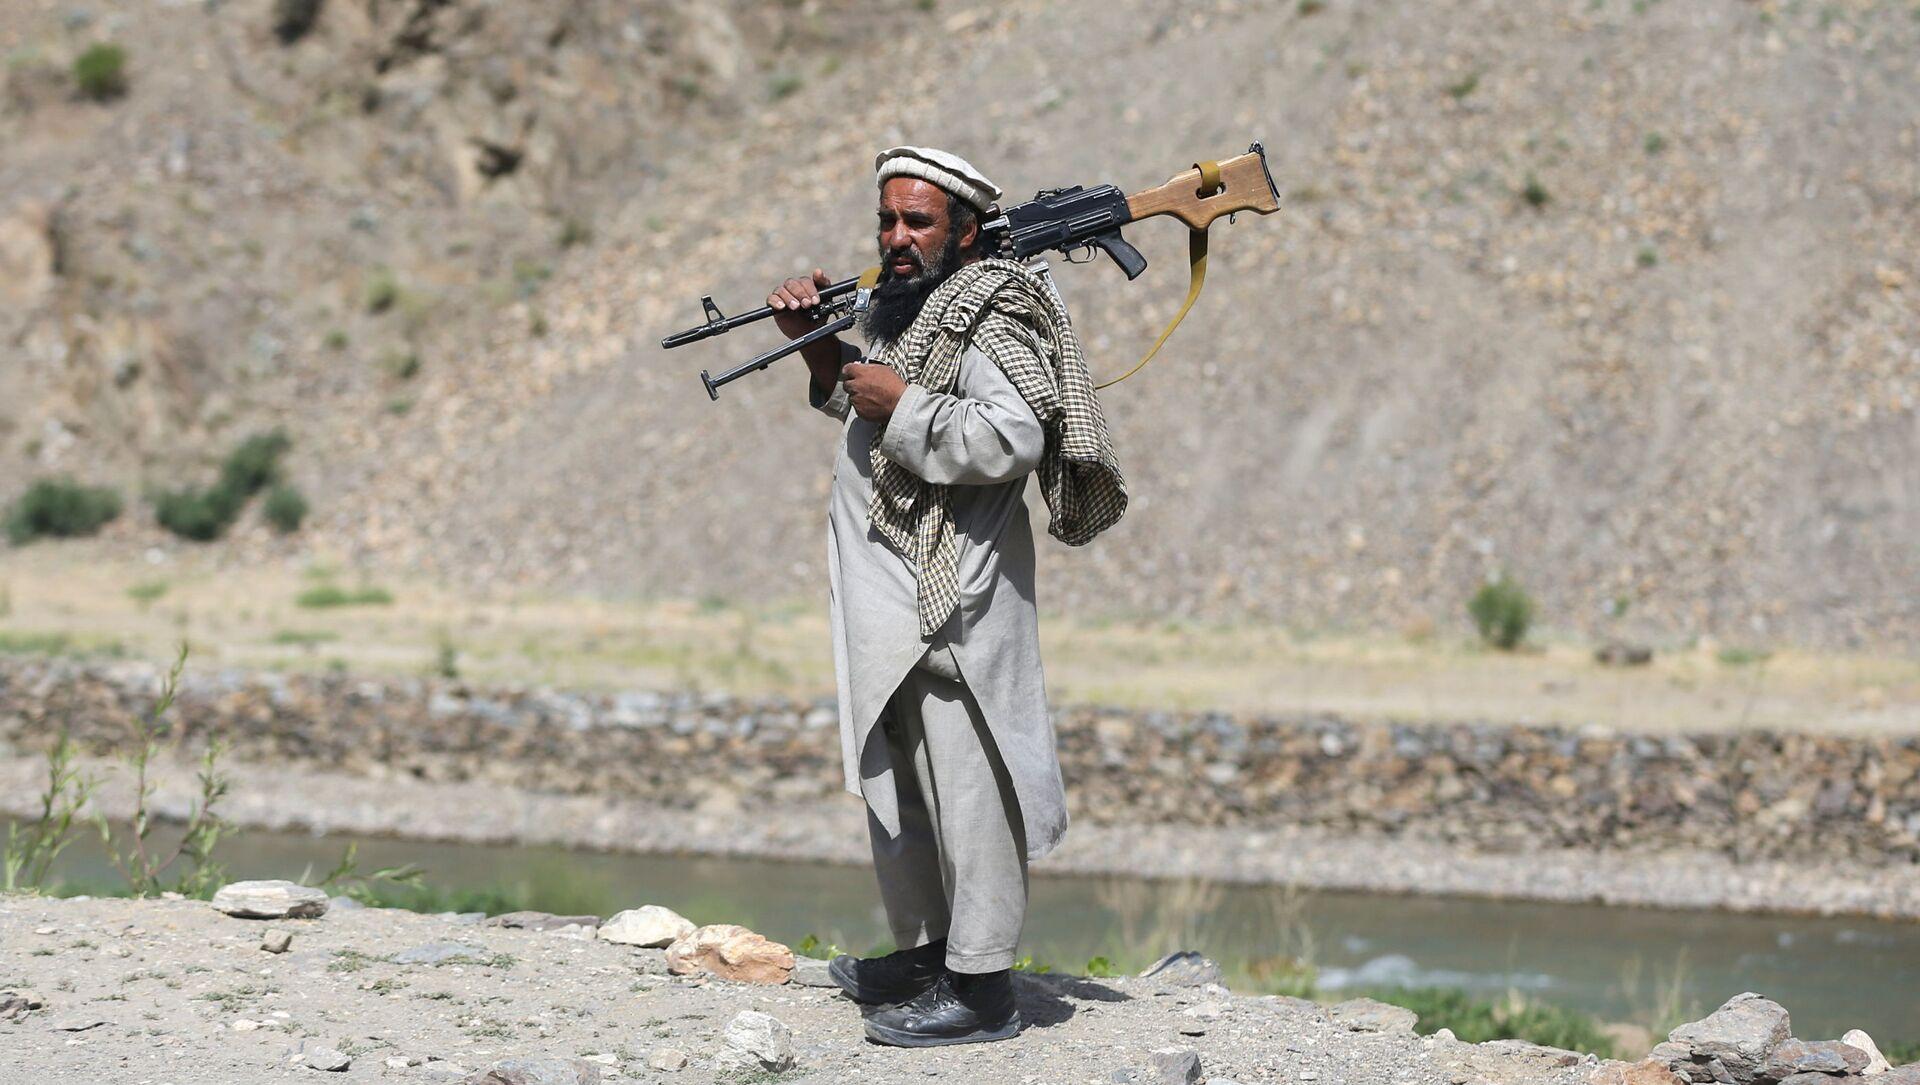 Вооруженный человек, выступающий против восстания талибов, стоит на контрольно-пропускном пункте в районе Горбанд, провинция Парван, Афганистан, 29 июня 2021 года. - Sputnik Azərbaycan, 1920, 27.07.2021